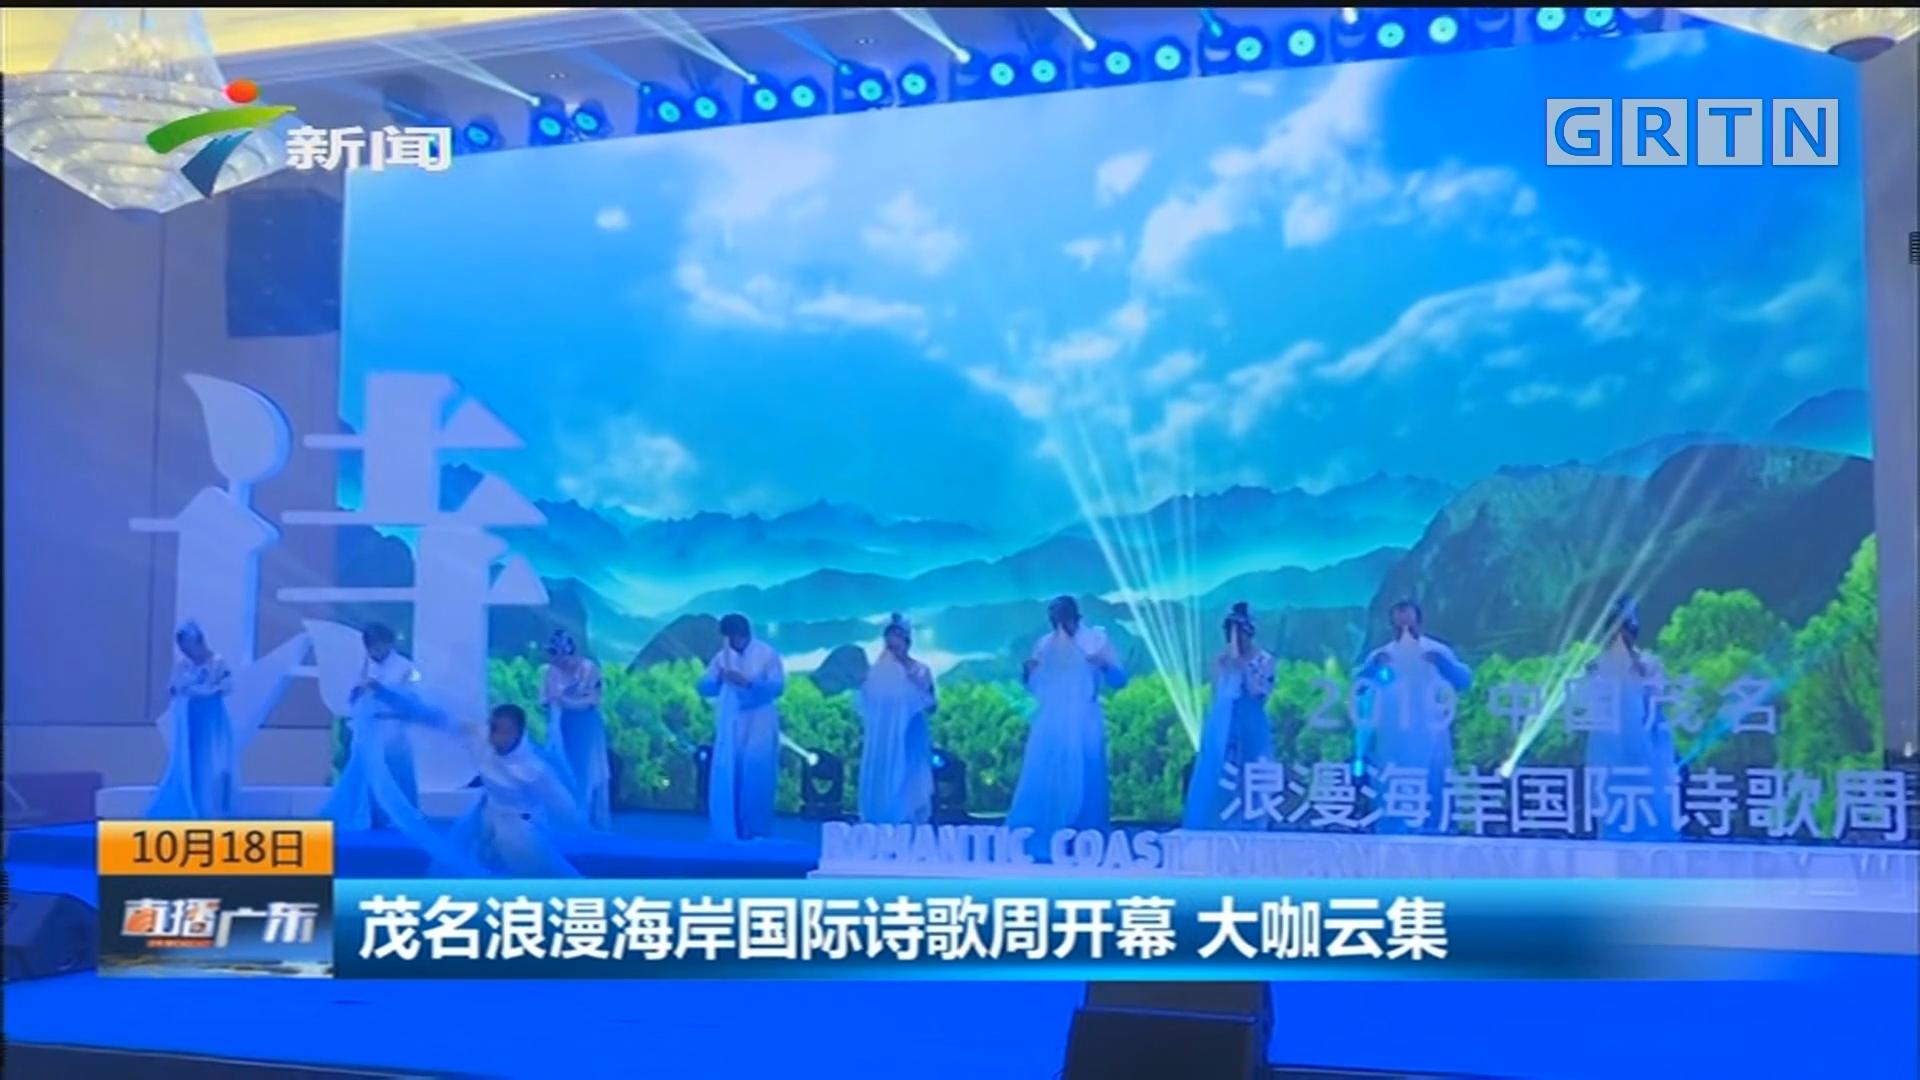 茂名浪漫海岸国际诗歌周开幕 大咖云集